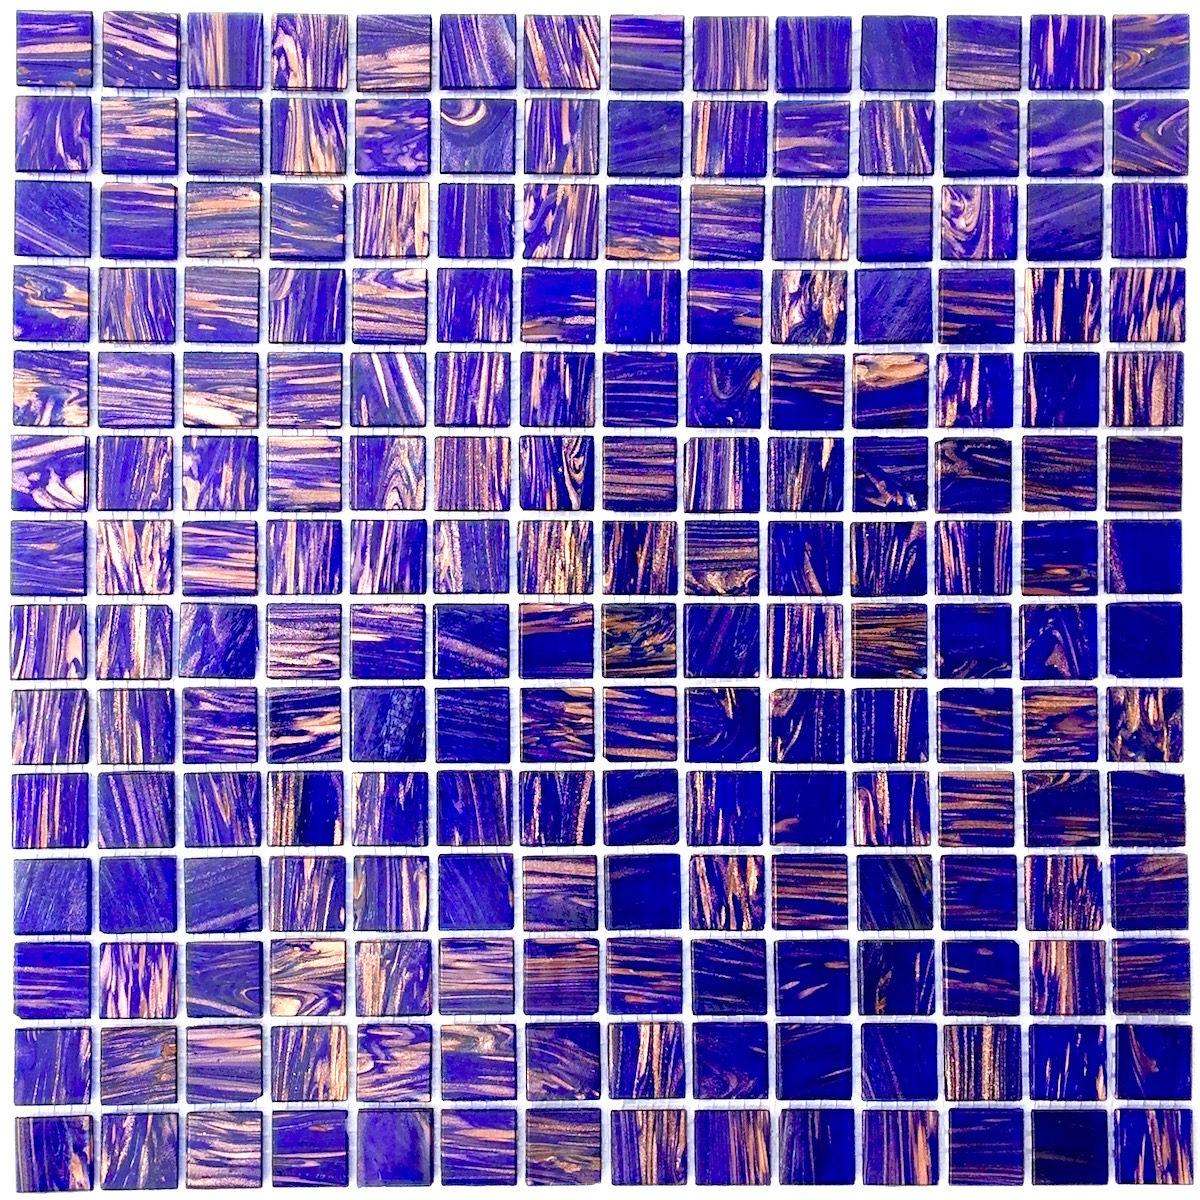 Plaque carrelage moaique pate de verre modele VITRO VIOLET